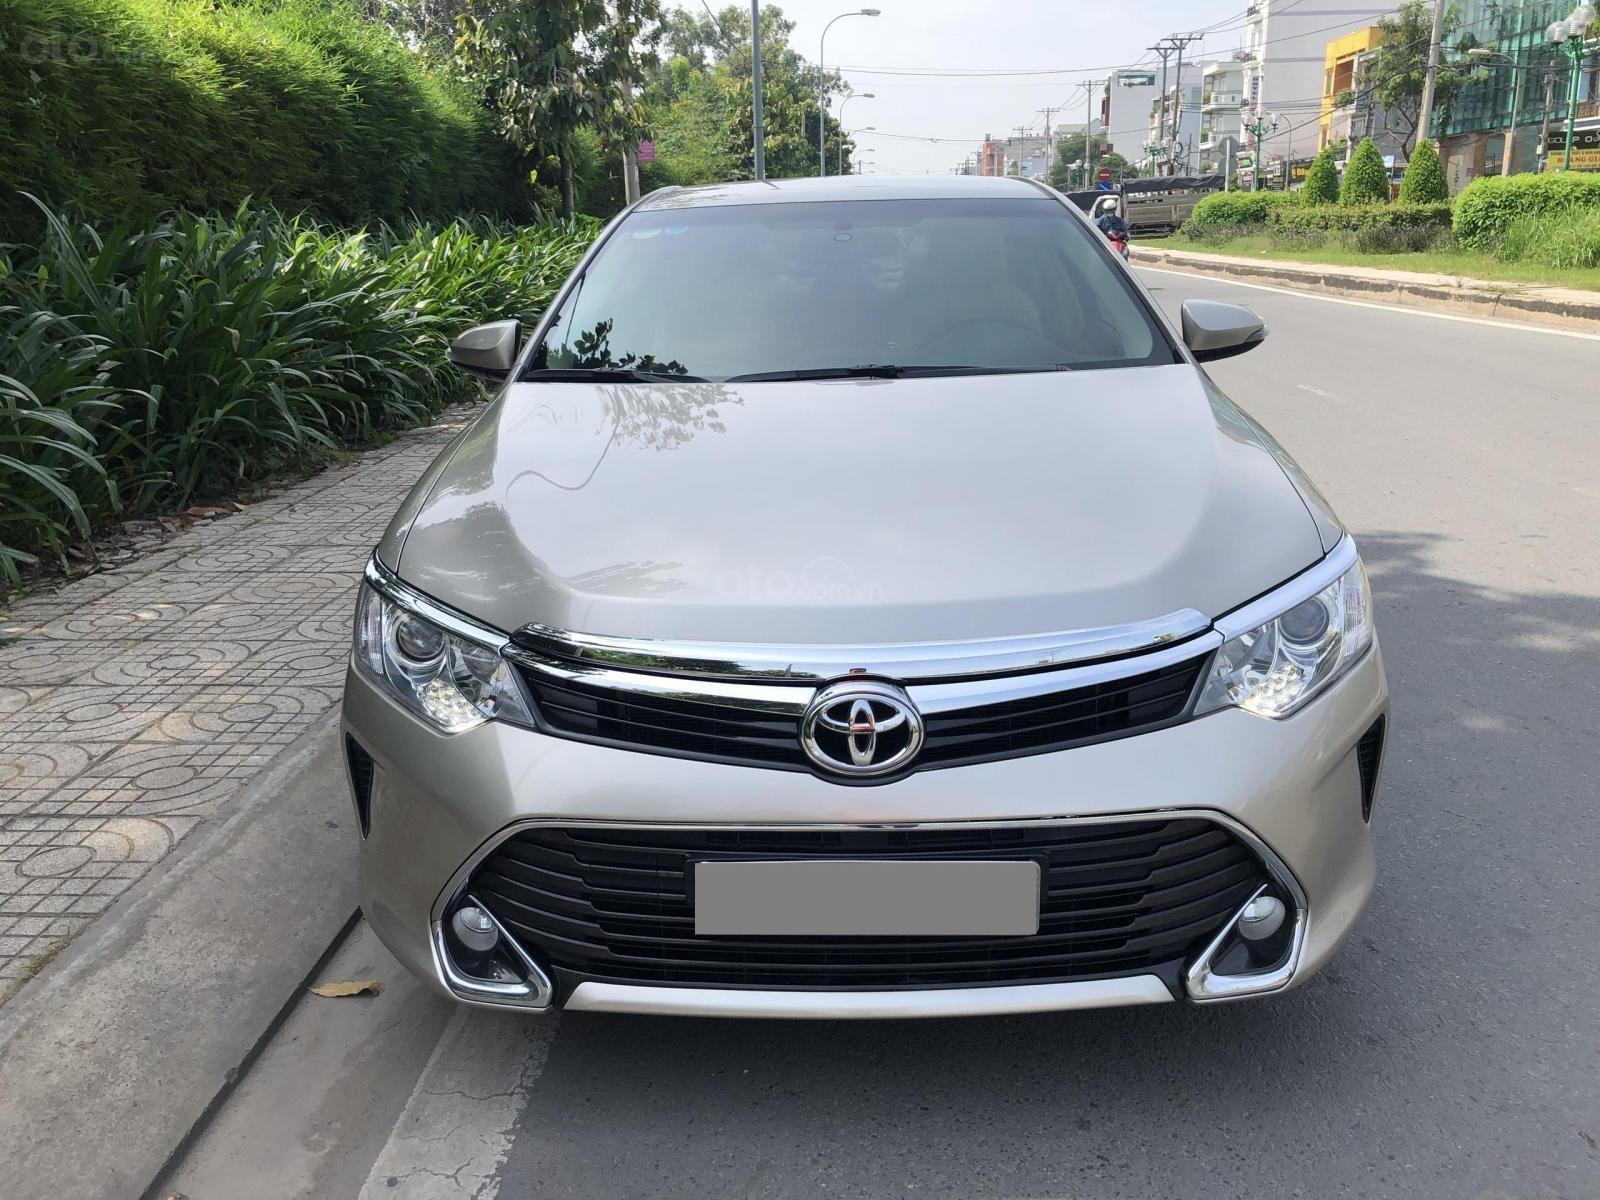 Cần bán Toyota Camry model 2018 vàng hoàng kim rất mới (2)